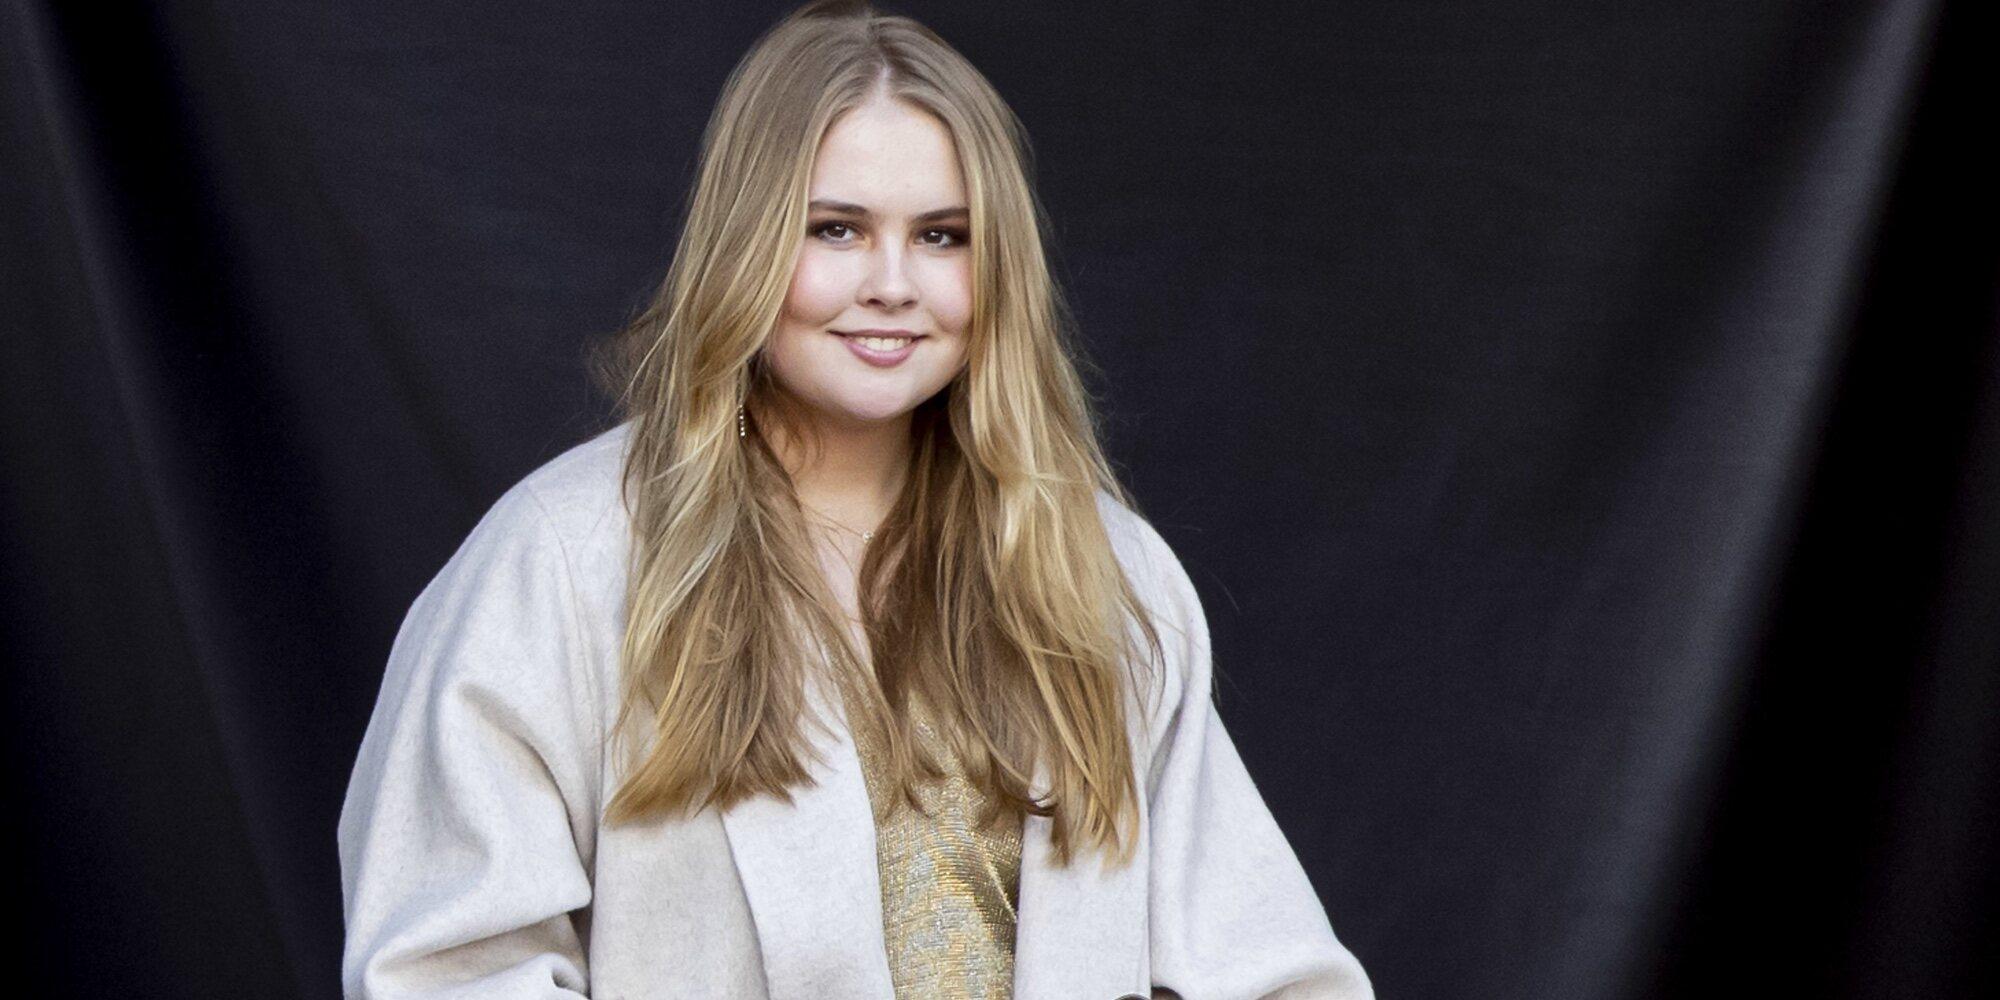 Amalia de Holanda renuncia a la asignación que le correspondería cuando cumpla 18 años